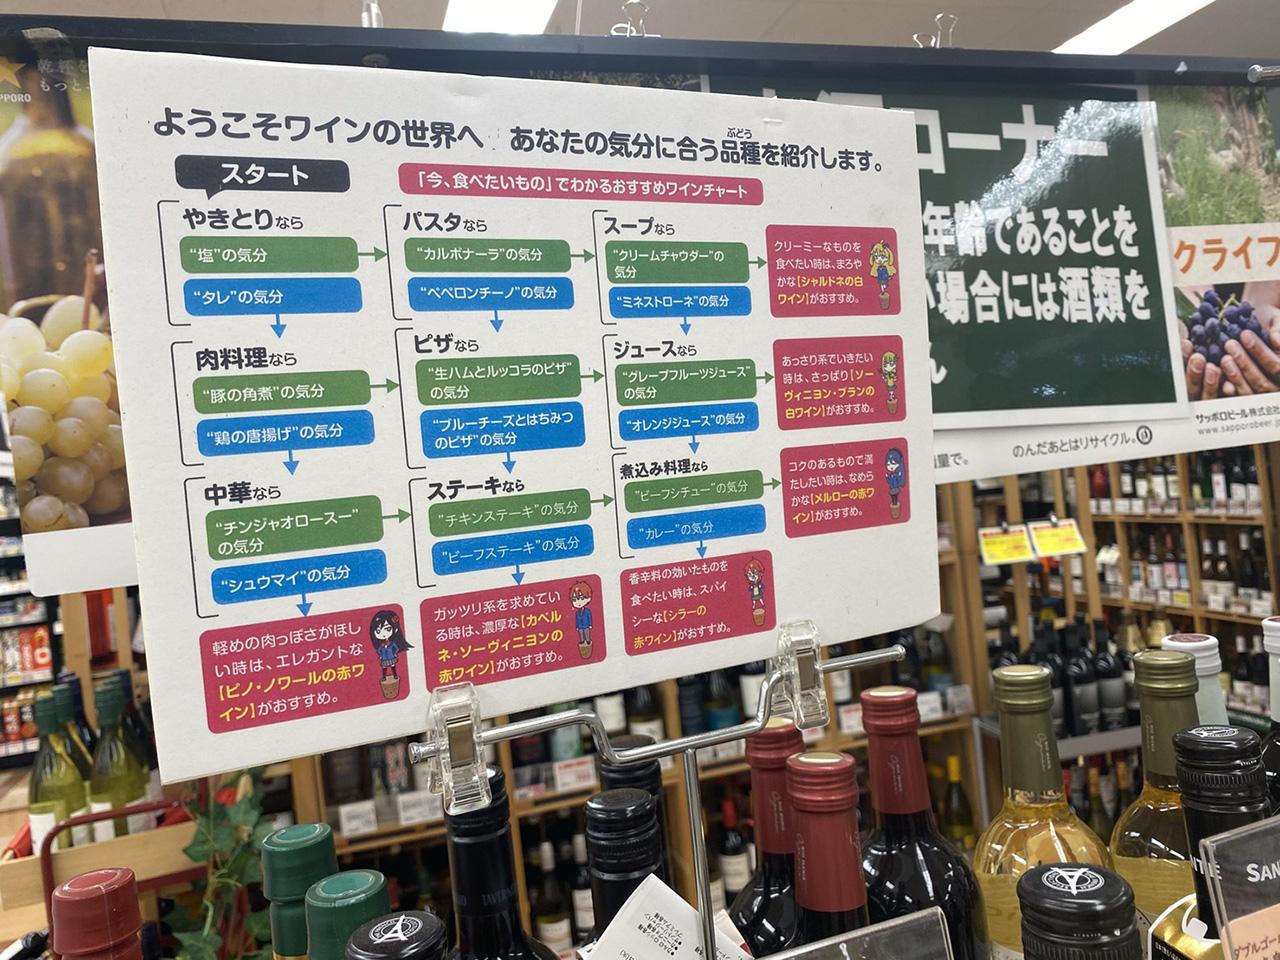 おすすめワインの紹介の案内看板の写真